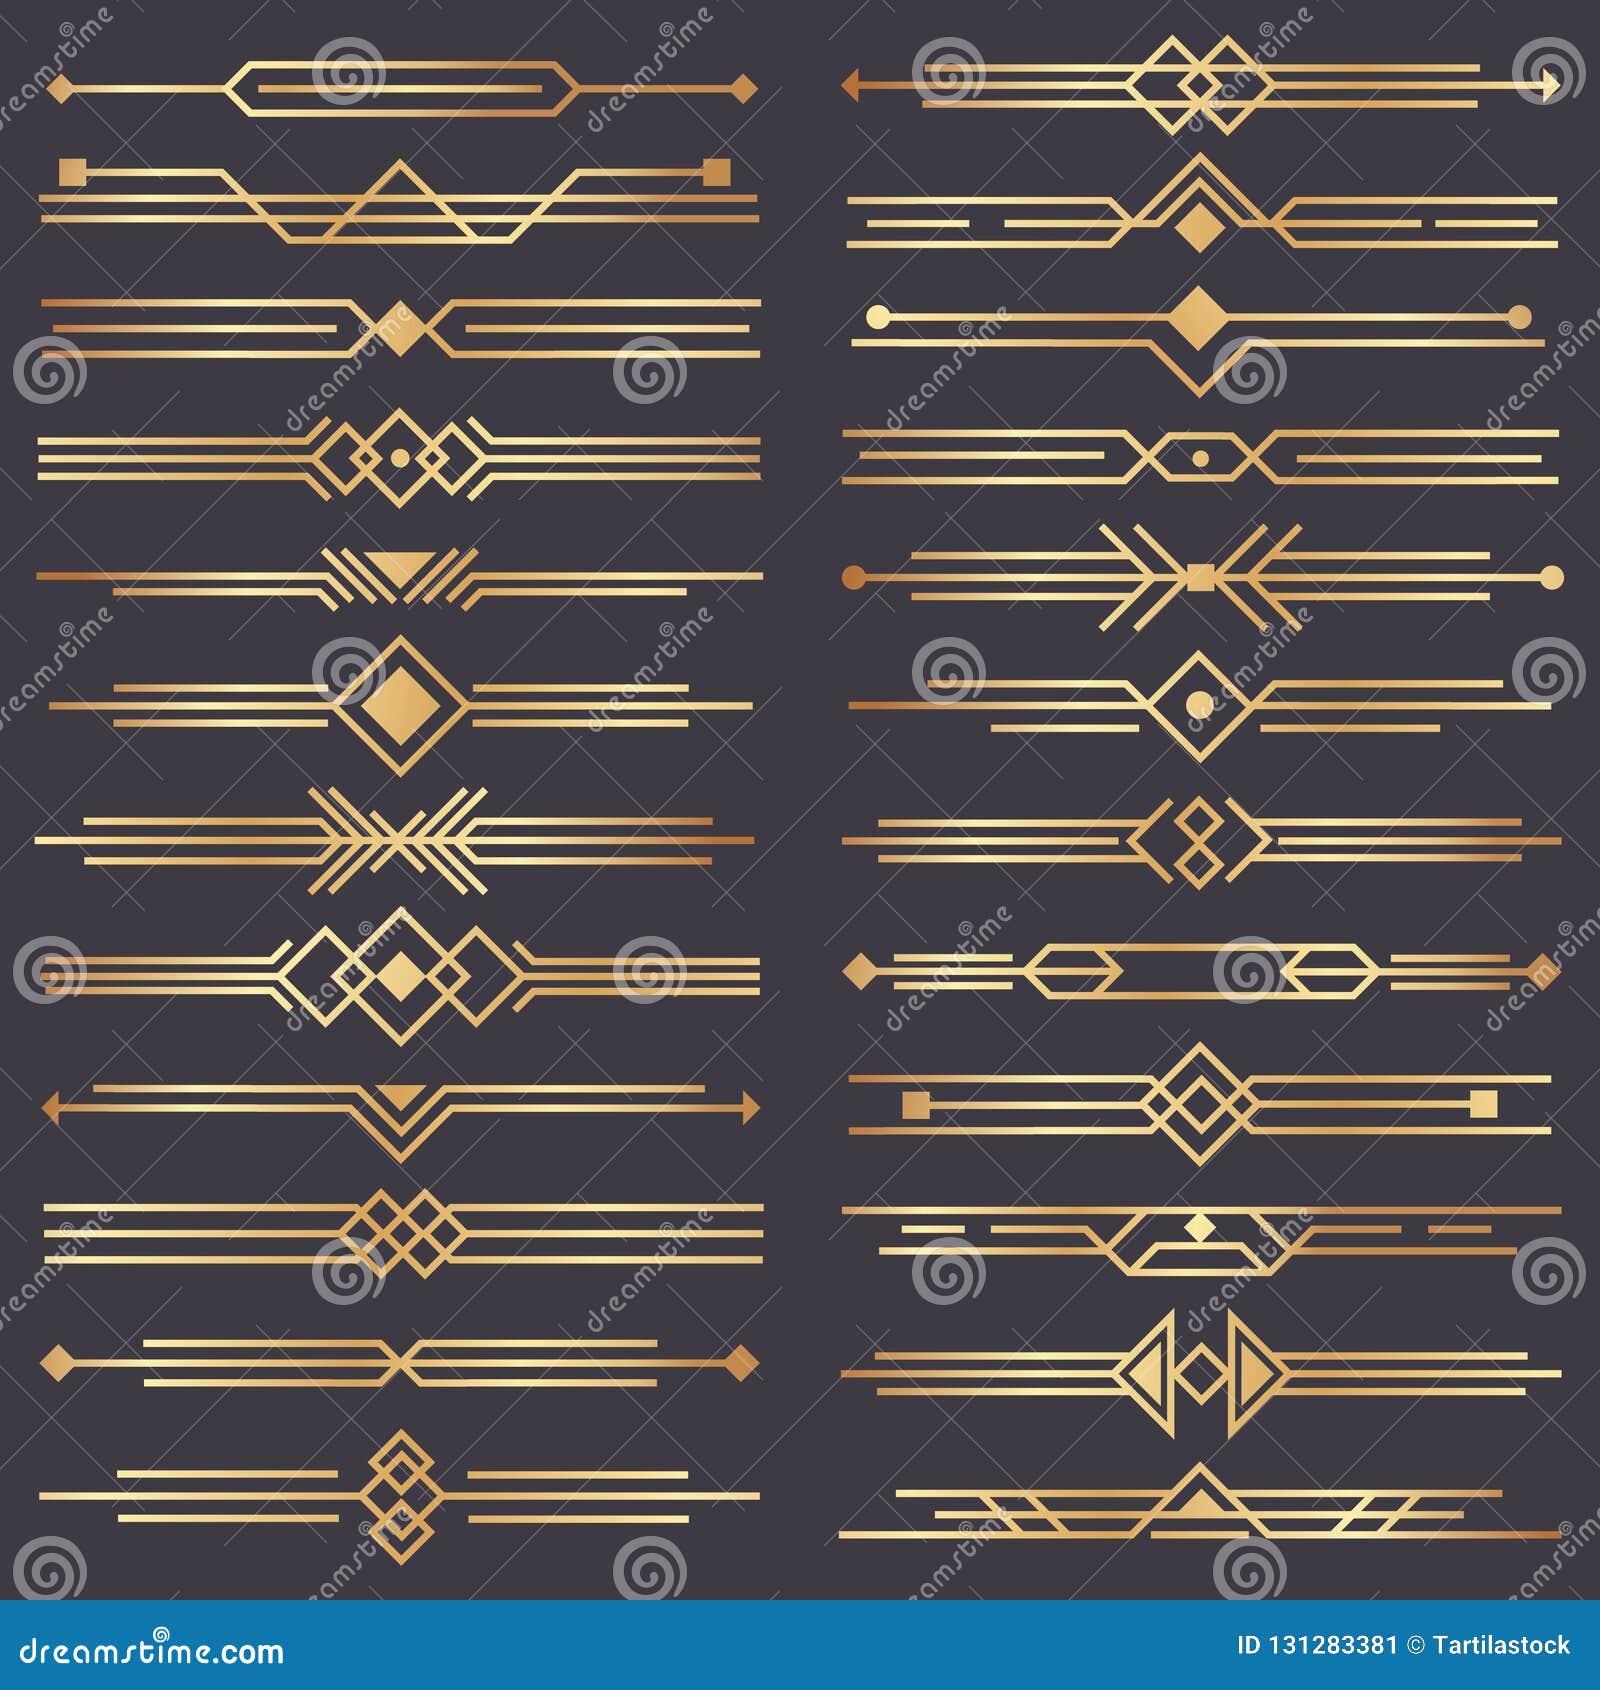 Diviseur d art déco Les rétros arts frontière d or, les ornements décoratifs des années 1920 et les frontières d or de diviseurs